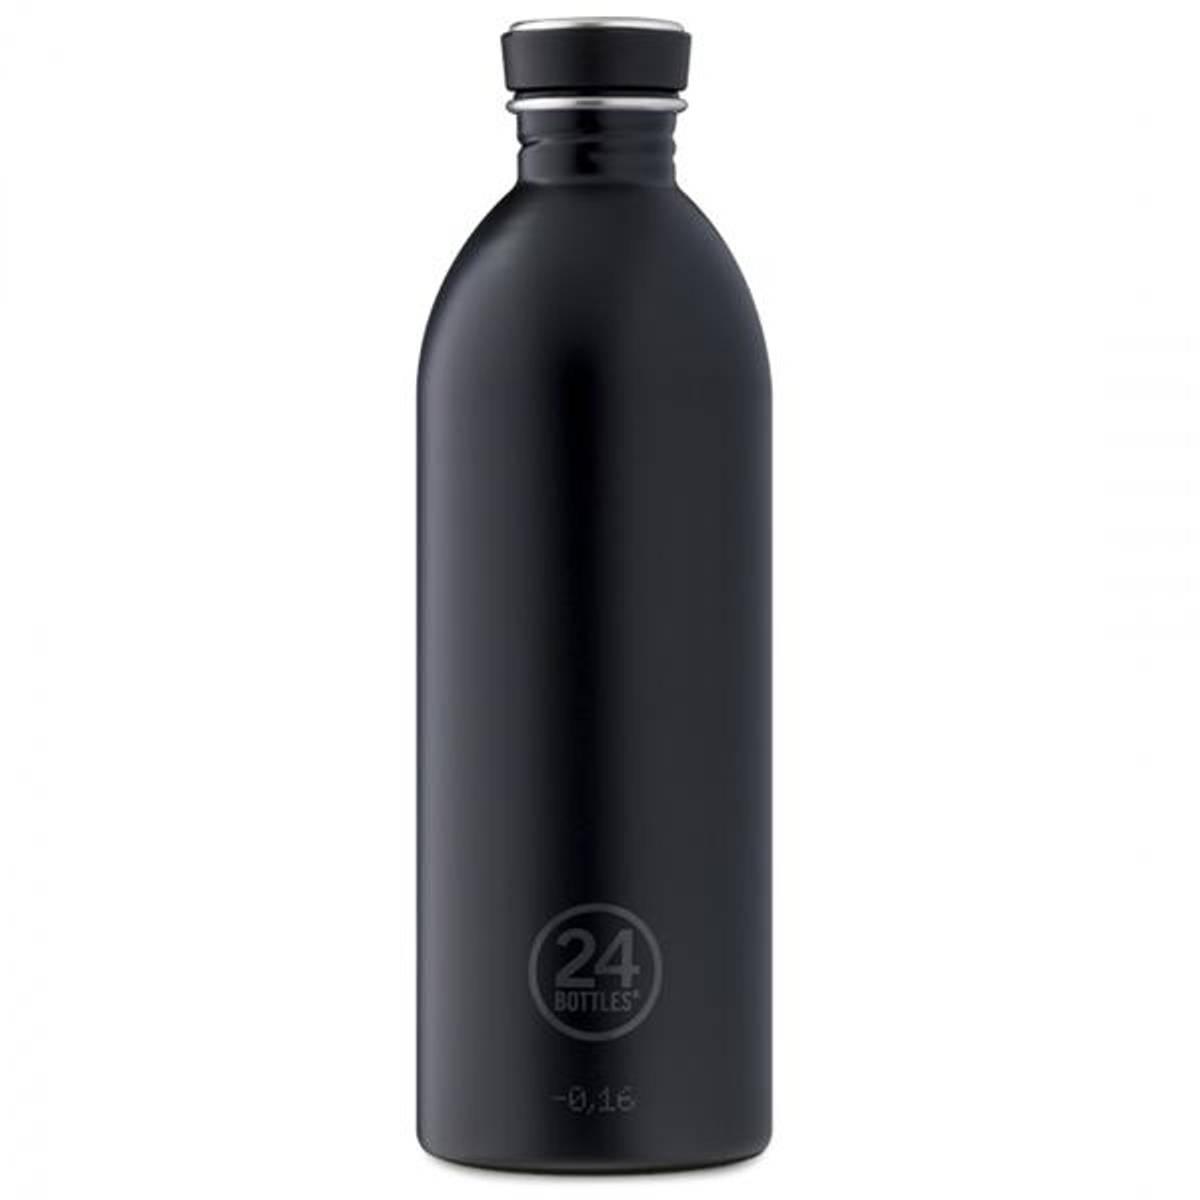 24Bottles Urban 1 L Tuxedo Black